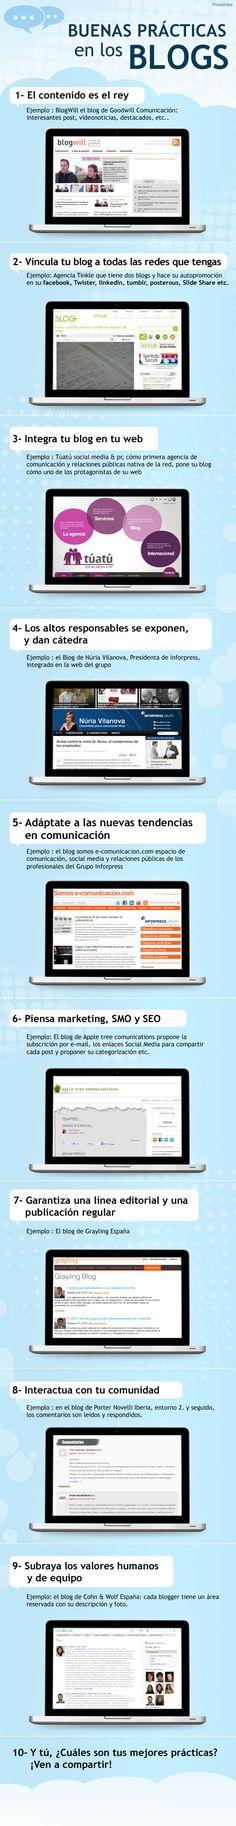 Buenas prácticas en los blogs  #bloggingtips